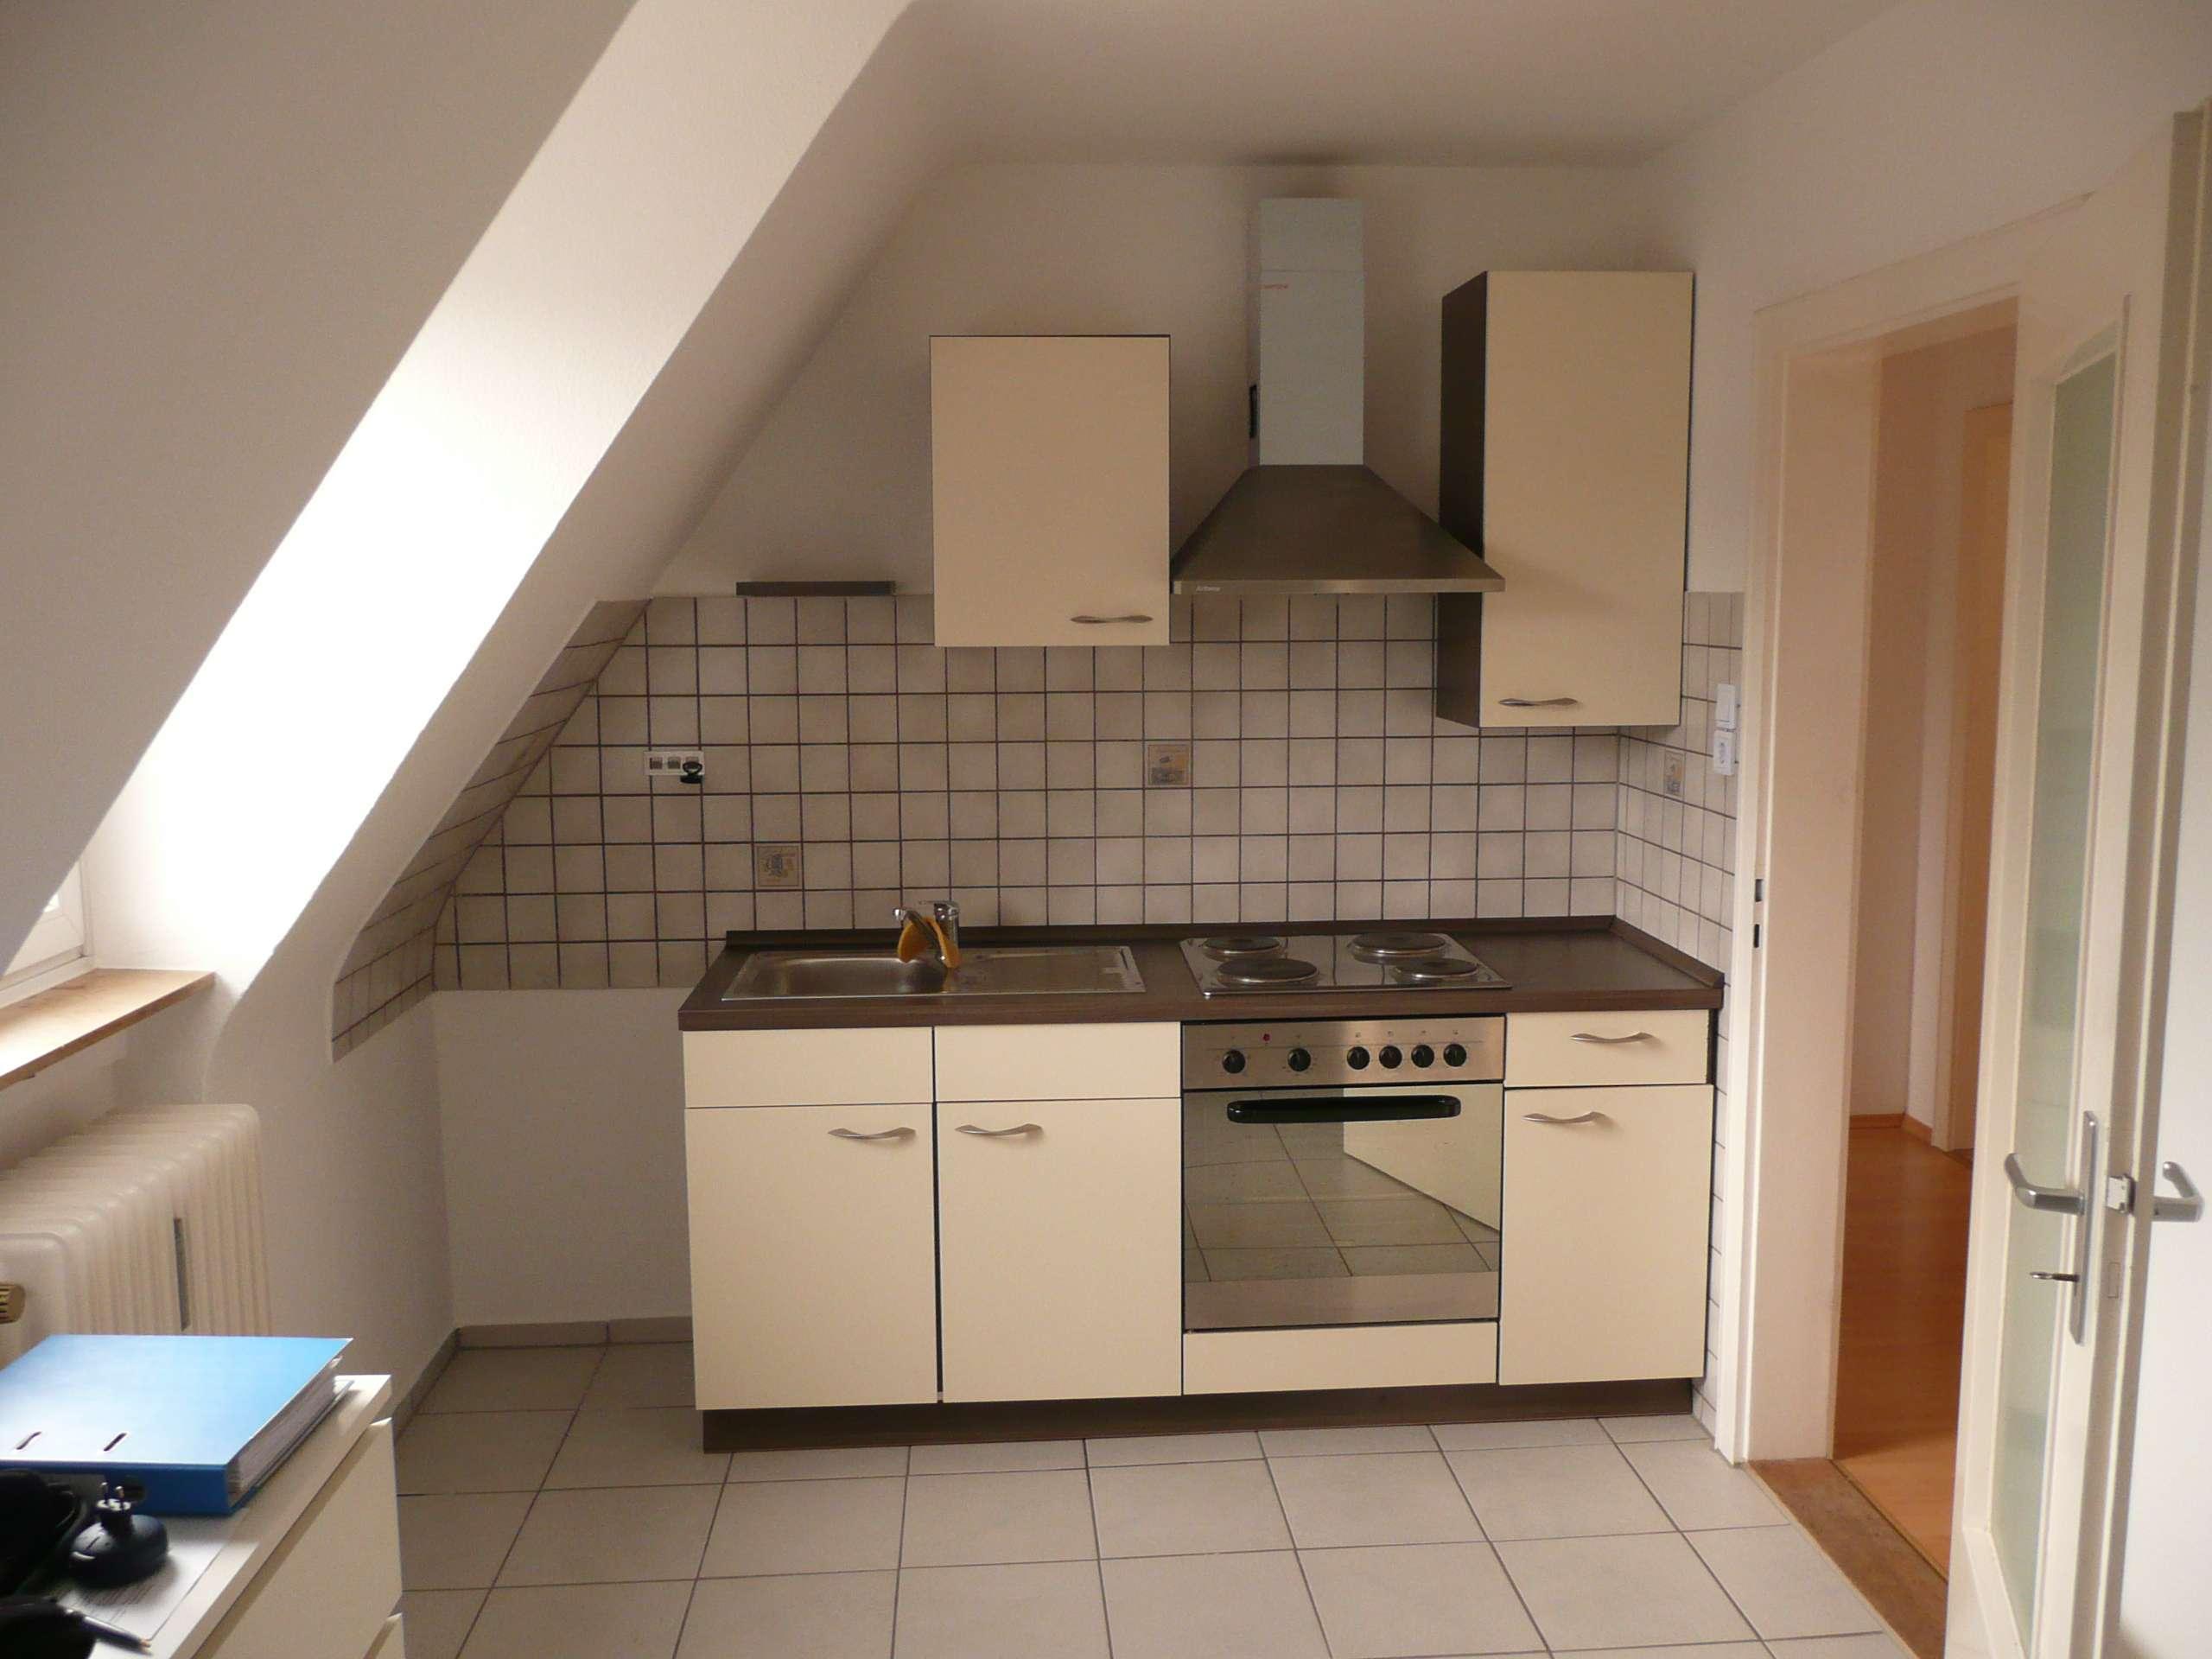 Gepflegte 2-Zimmer-Wohnung mit Einbauküche in Nürnberg Eibach / Röthenbach in Eibach (Nürnberg)